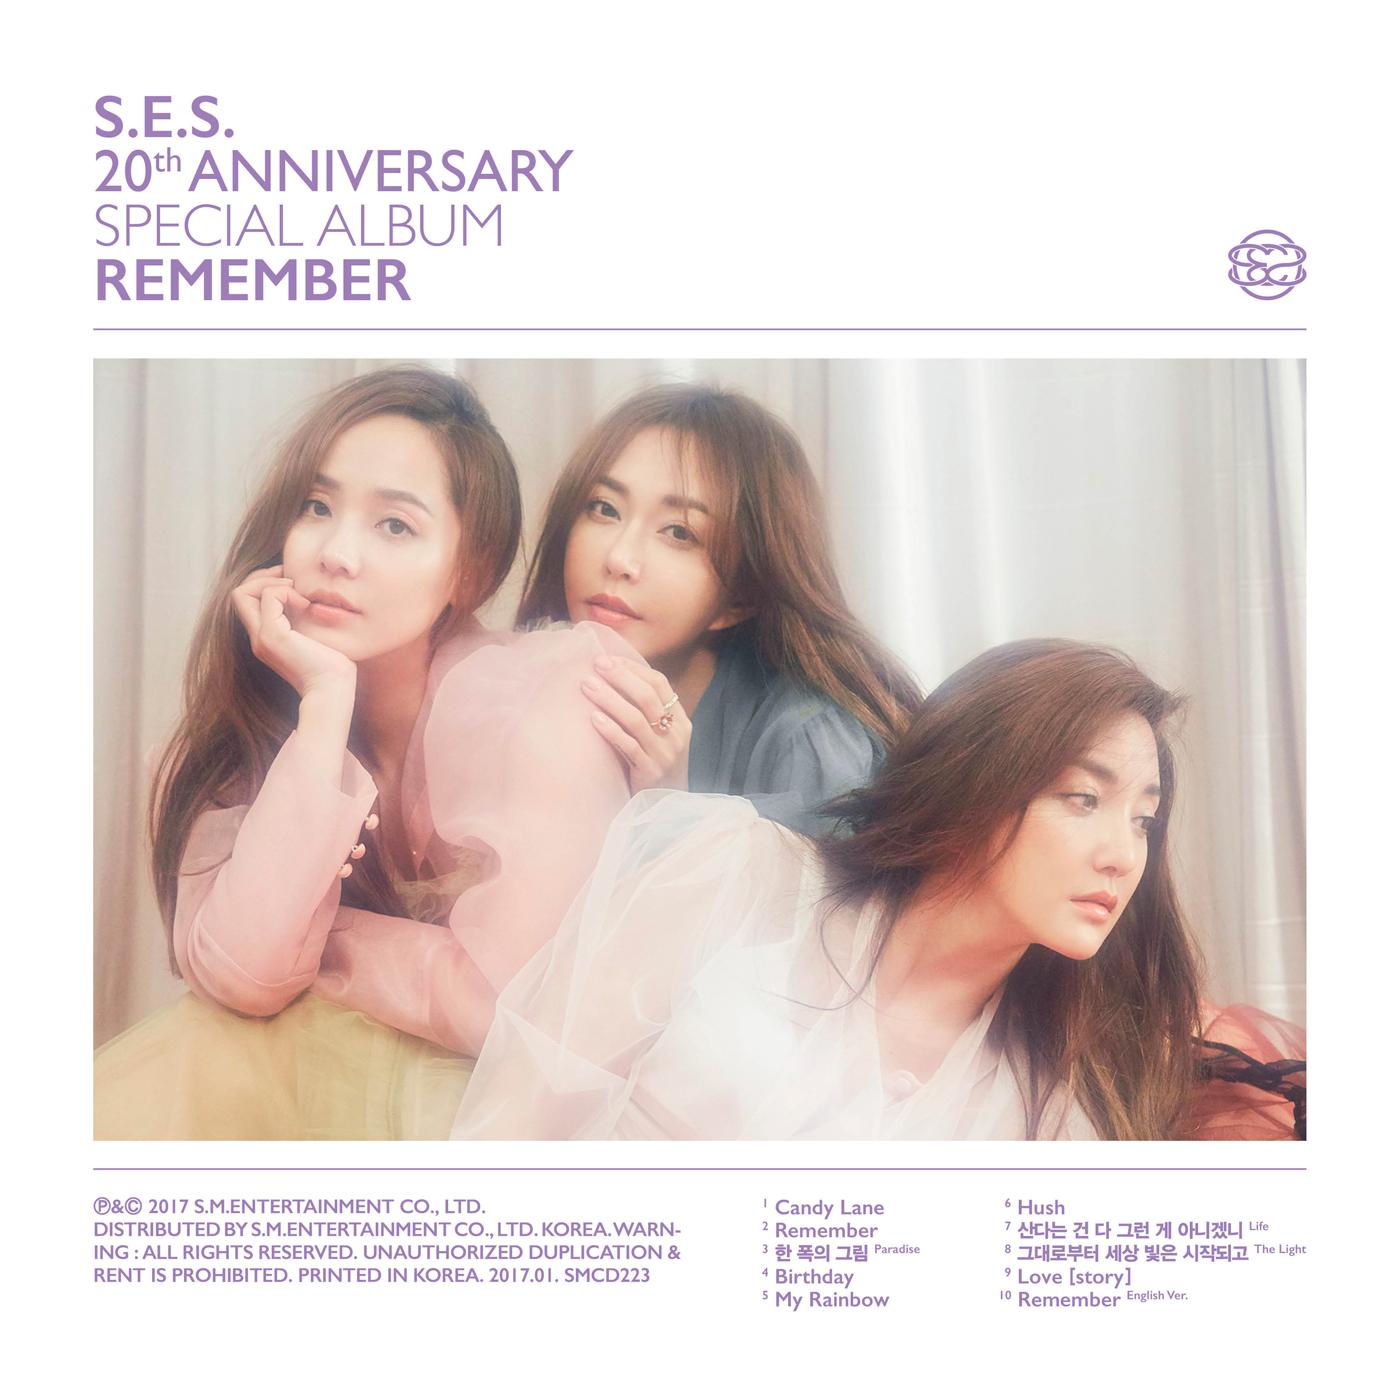 20170128.01.05 S.E.S - Remember - S.E.S. 20th Anniversary Special Album cover.jpg